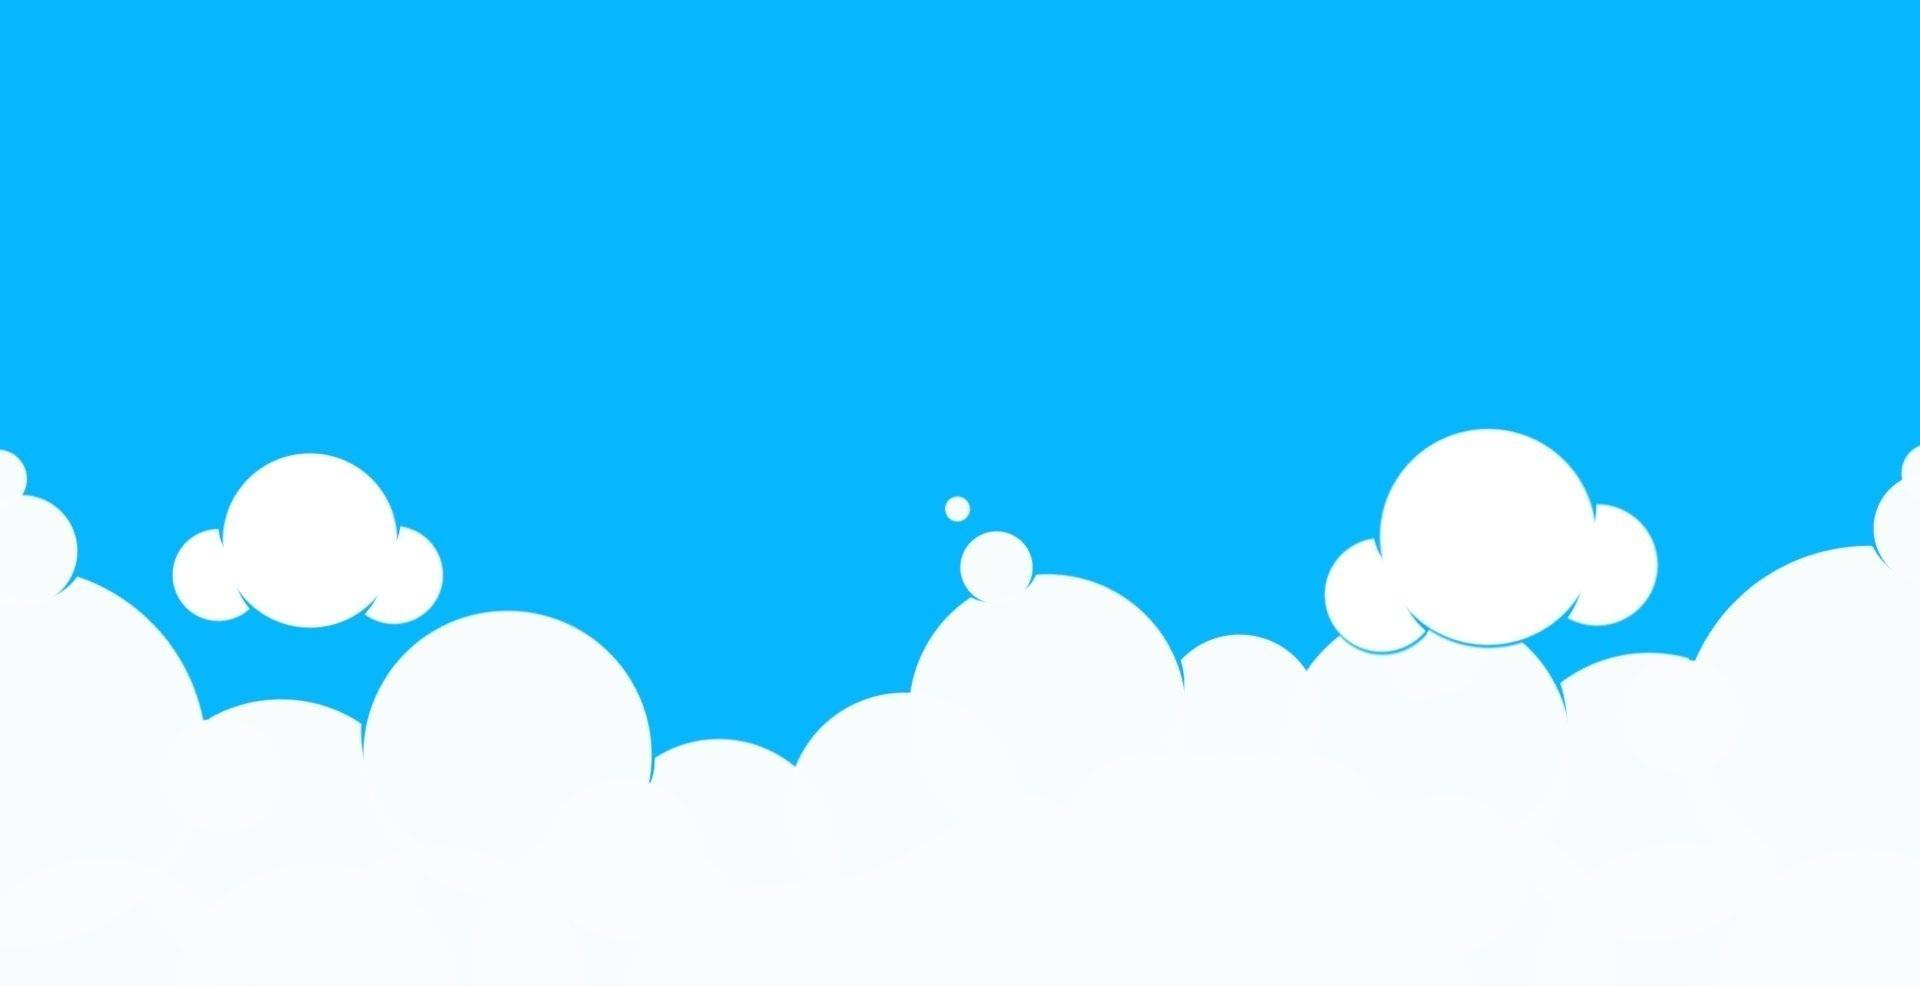 1920x986 Cloudy sky clipart